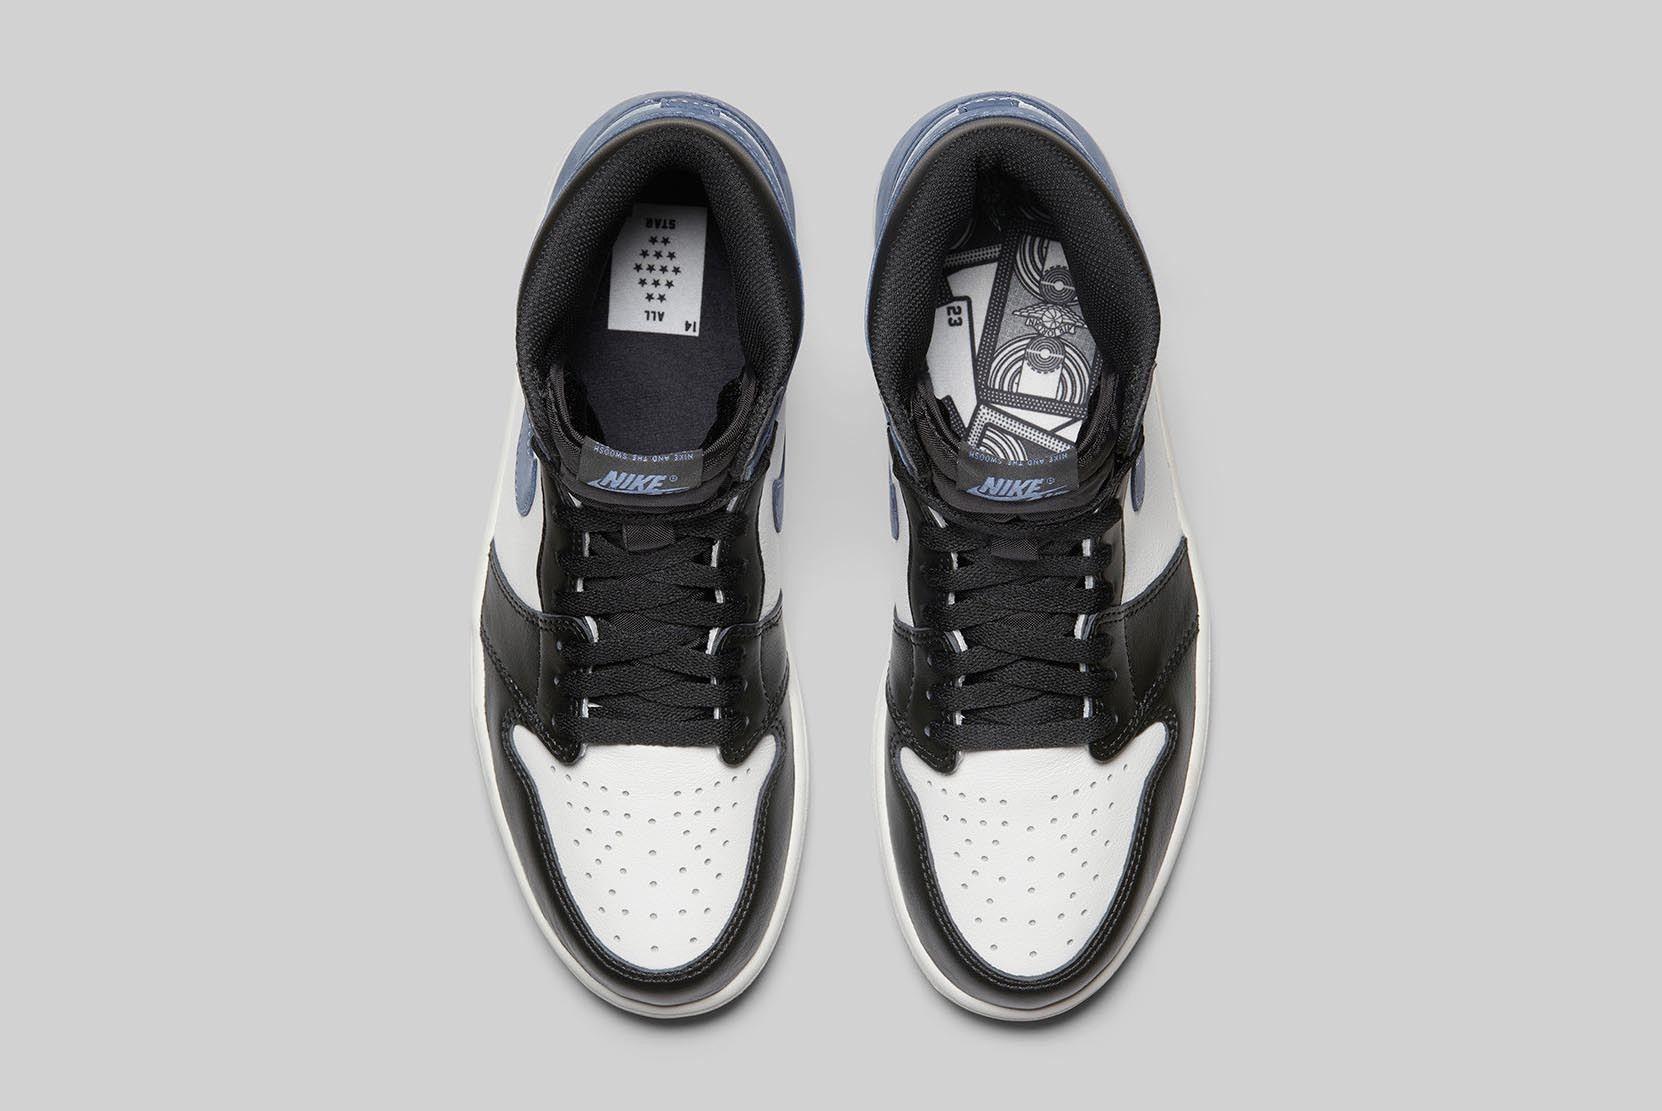 Air Jordan 1 Retro High Og Best Hand In The Game Collection 81 Sneaker Freaker